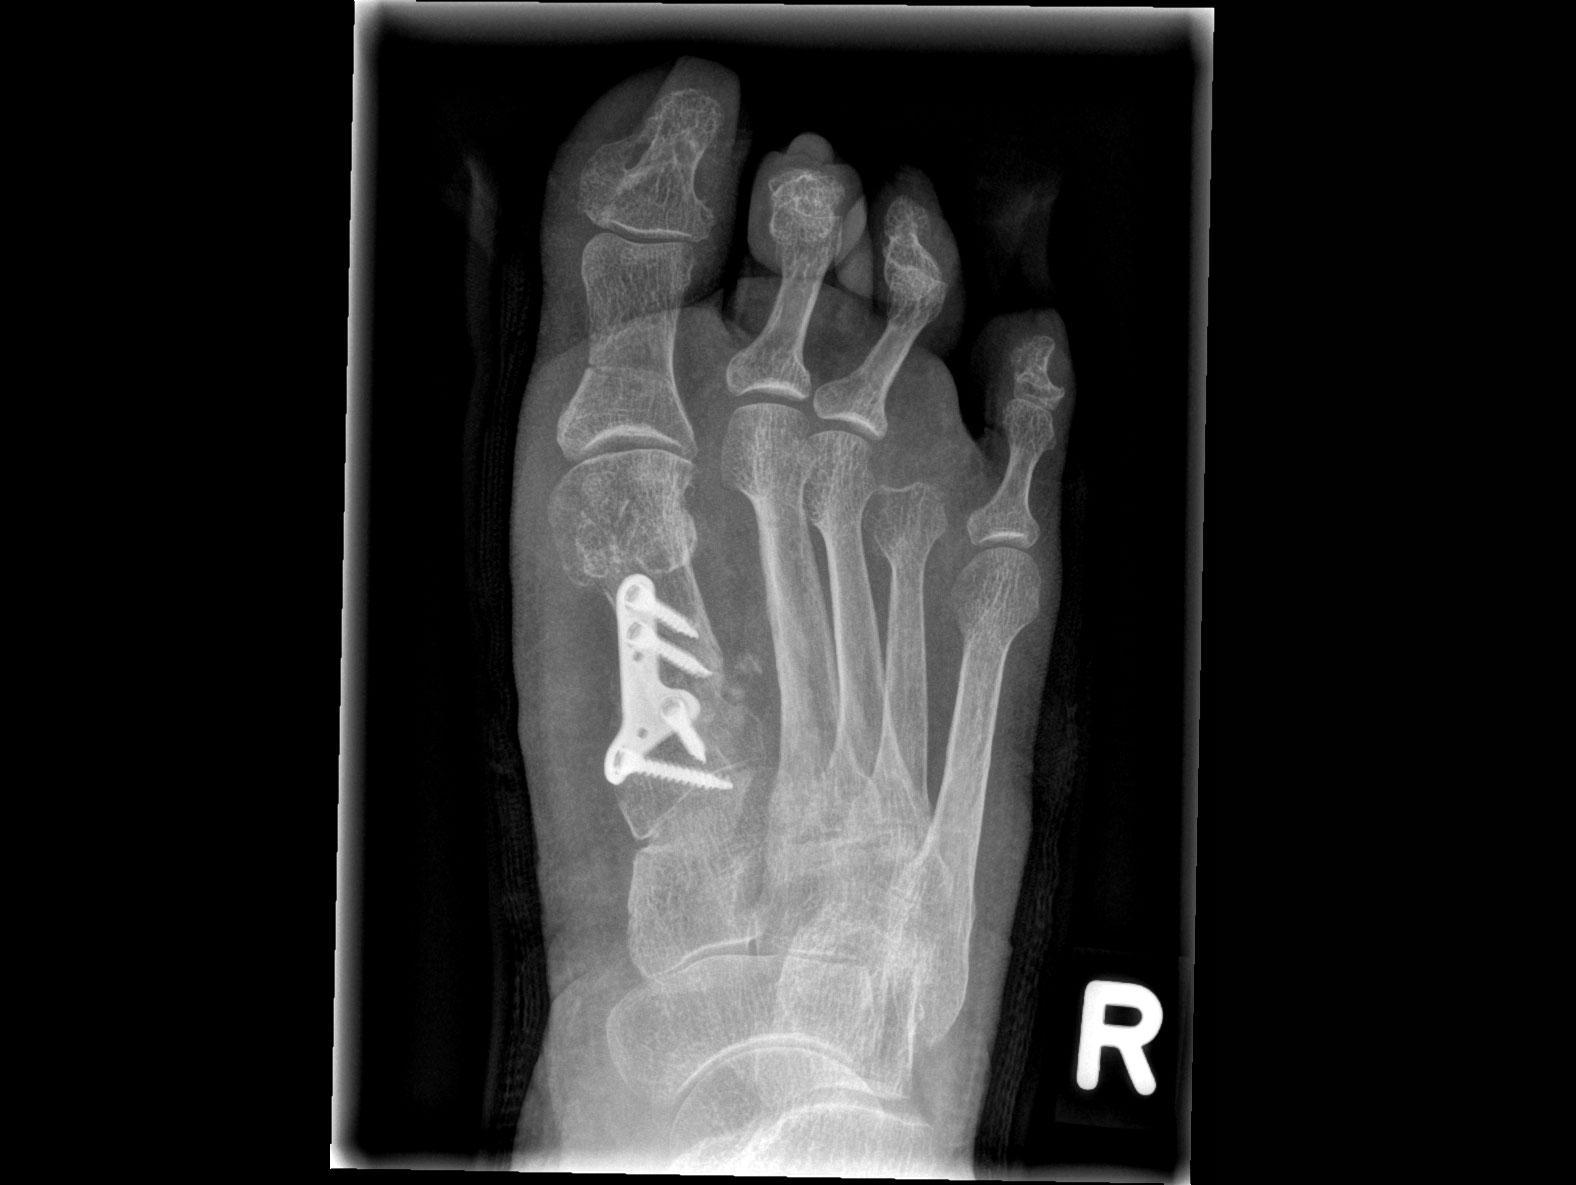 Mobilett Mira Max Foot d.v. Image